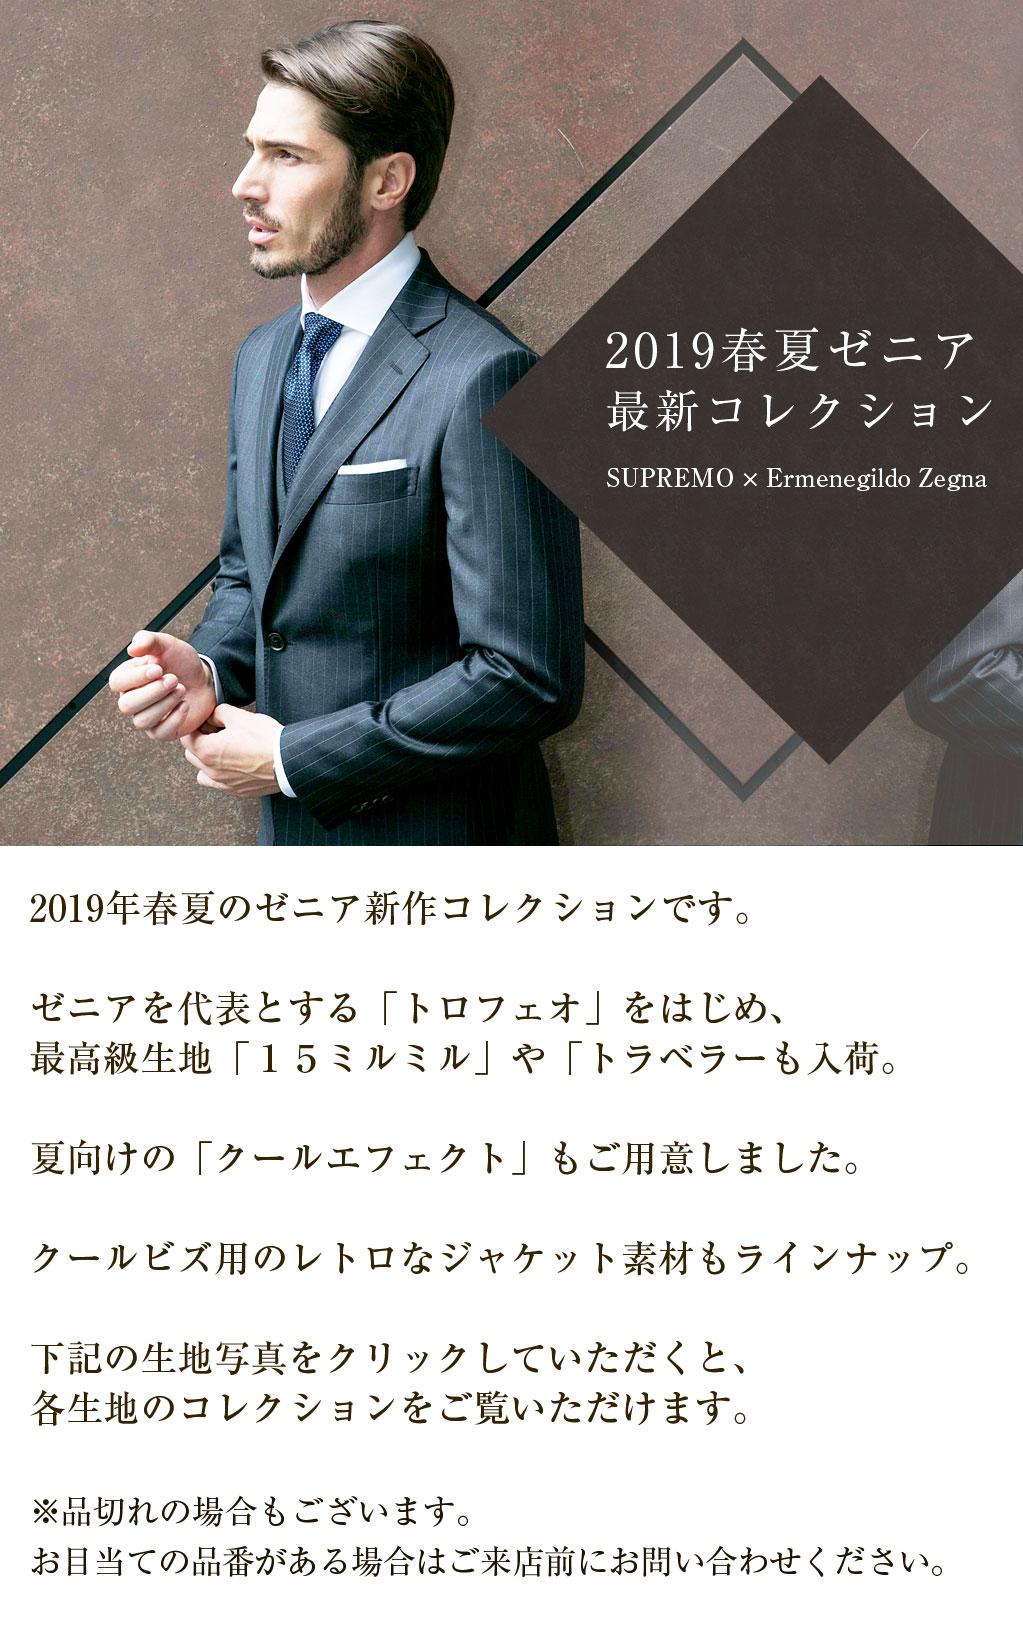 スプレーモ銀座のエルメネジルド・ゼニア最新2019春夏コレクション スマホ版